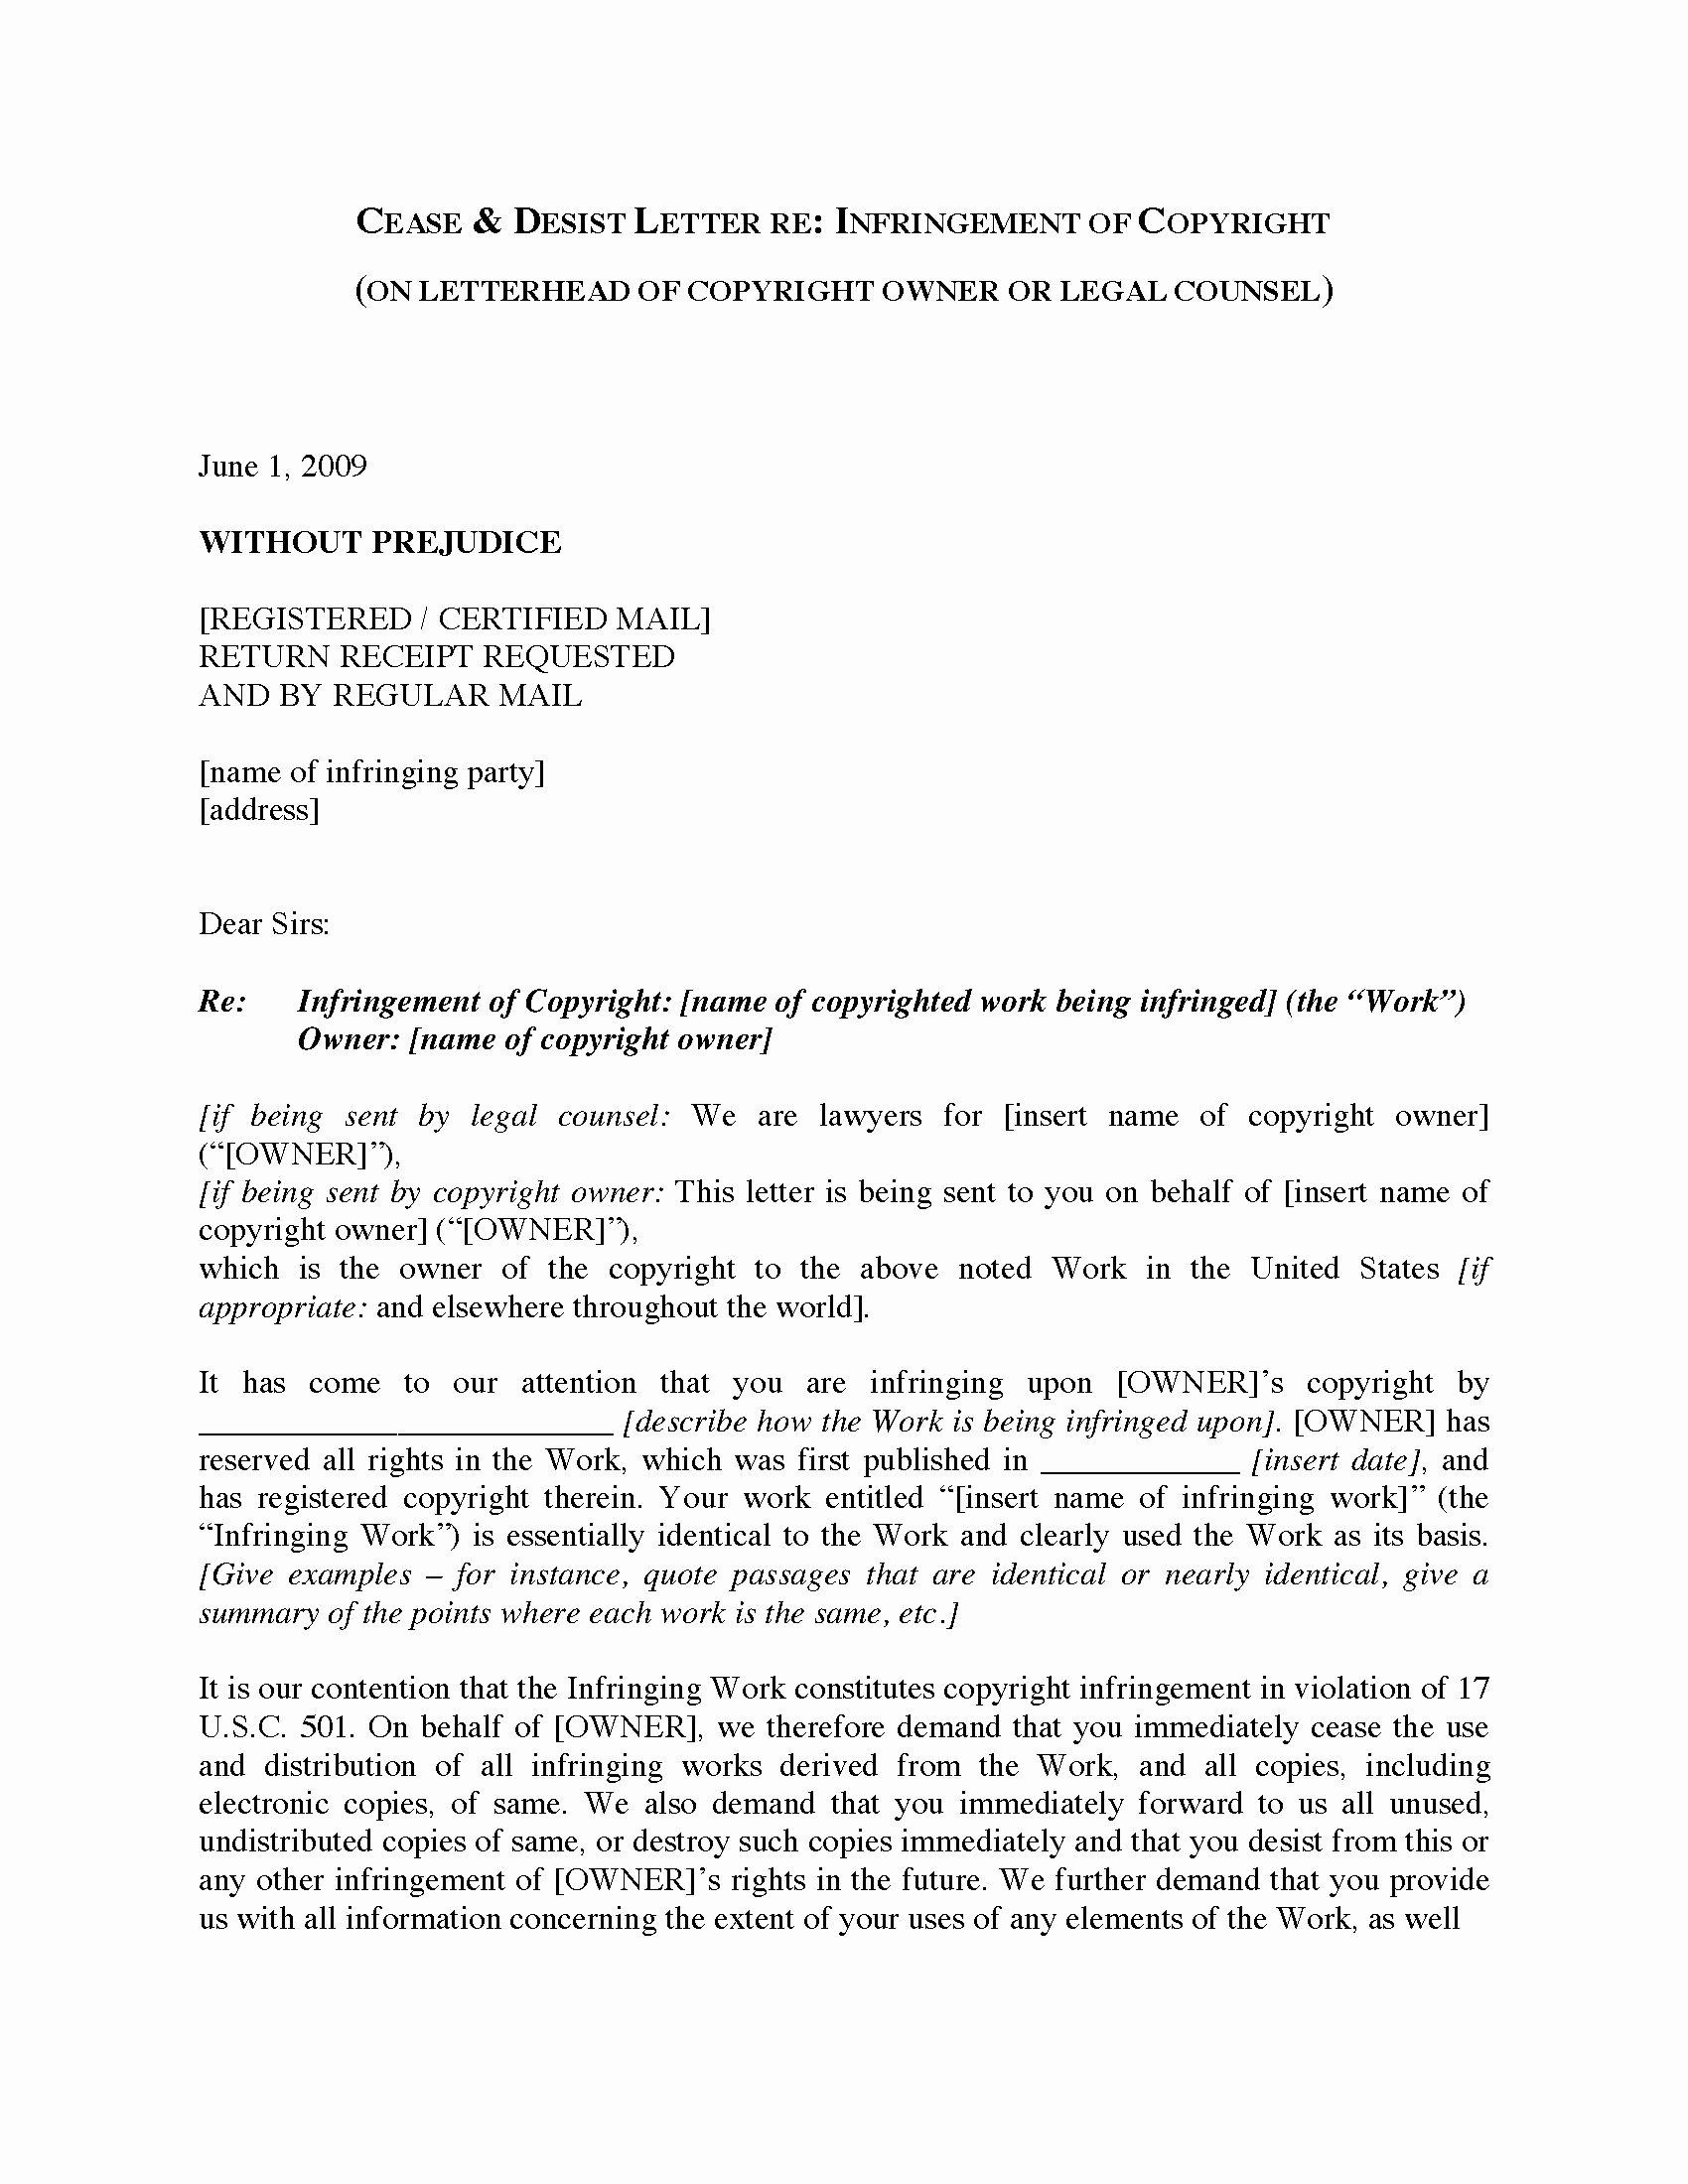 Copyright Cease and Desist Letter Unique Usa Cease and Desist Letter Re Copyright Infringement